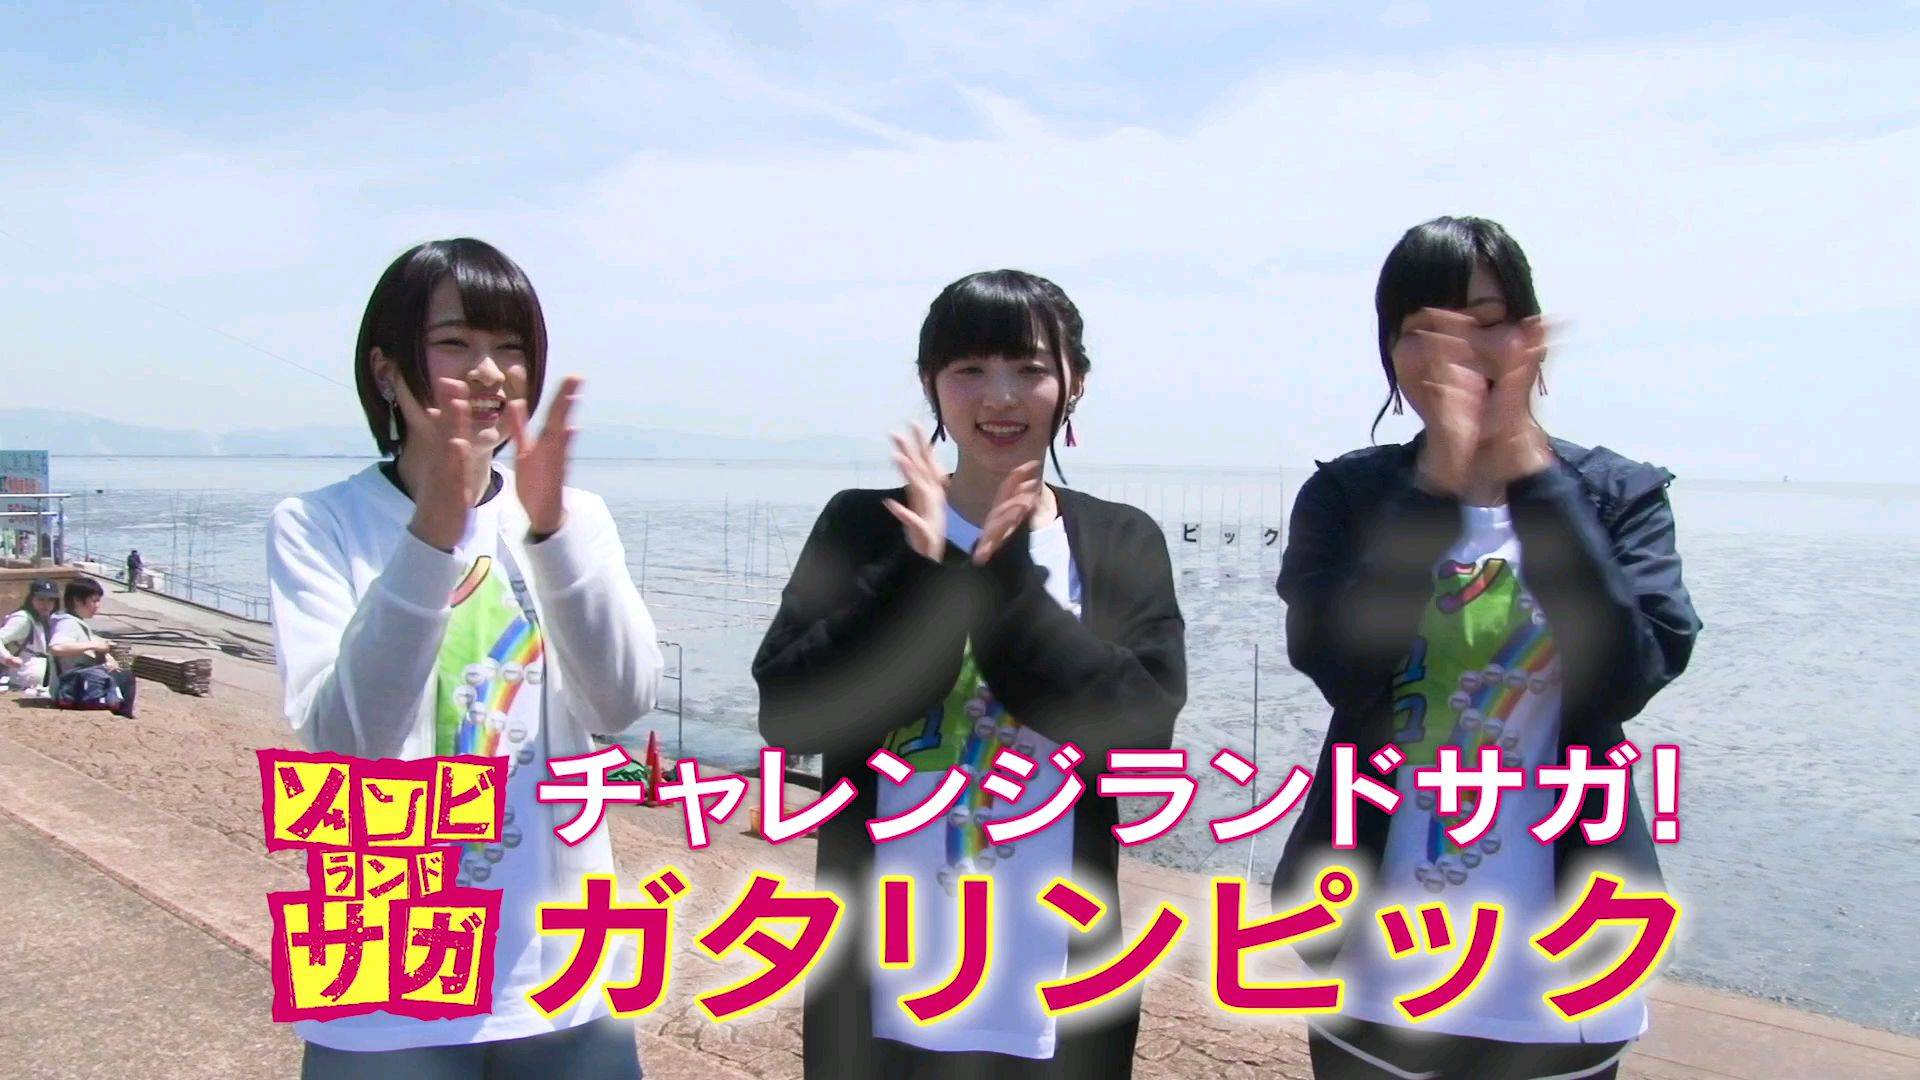 【佐贺偶像是传奇】BD2收录的声优活动特典映像!